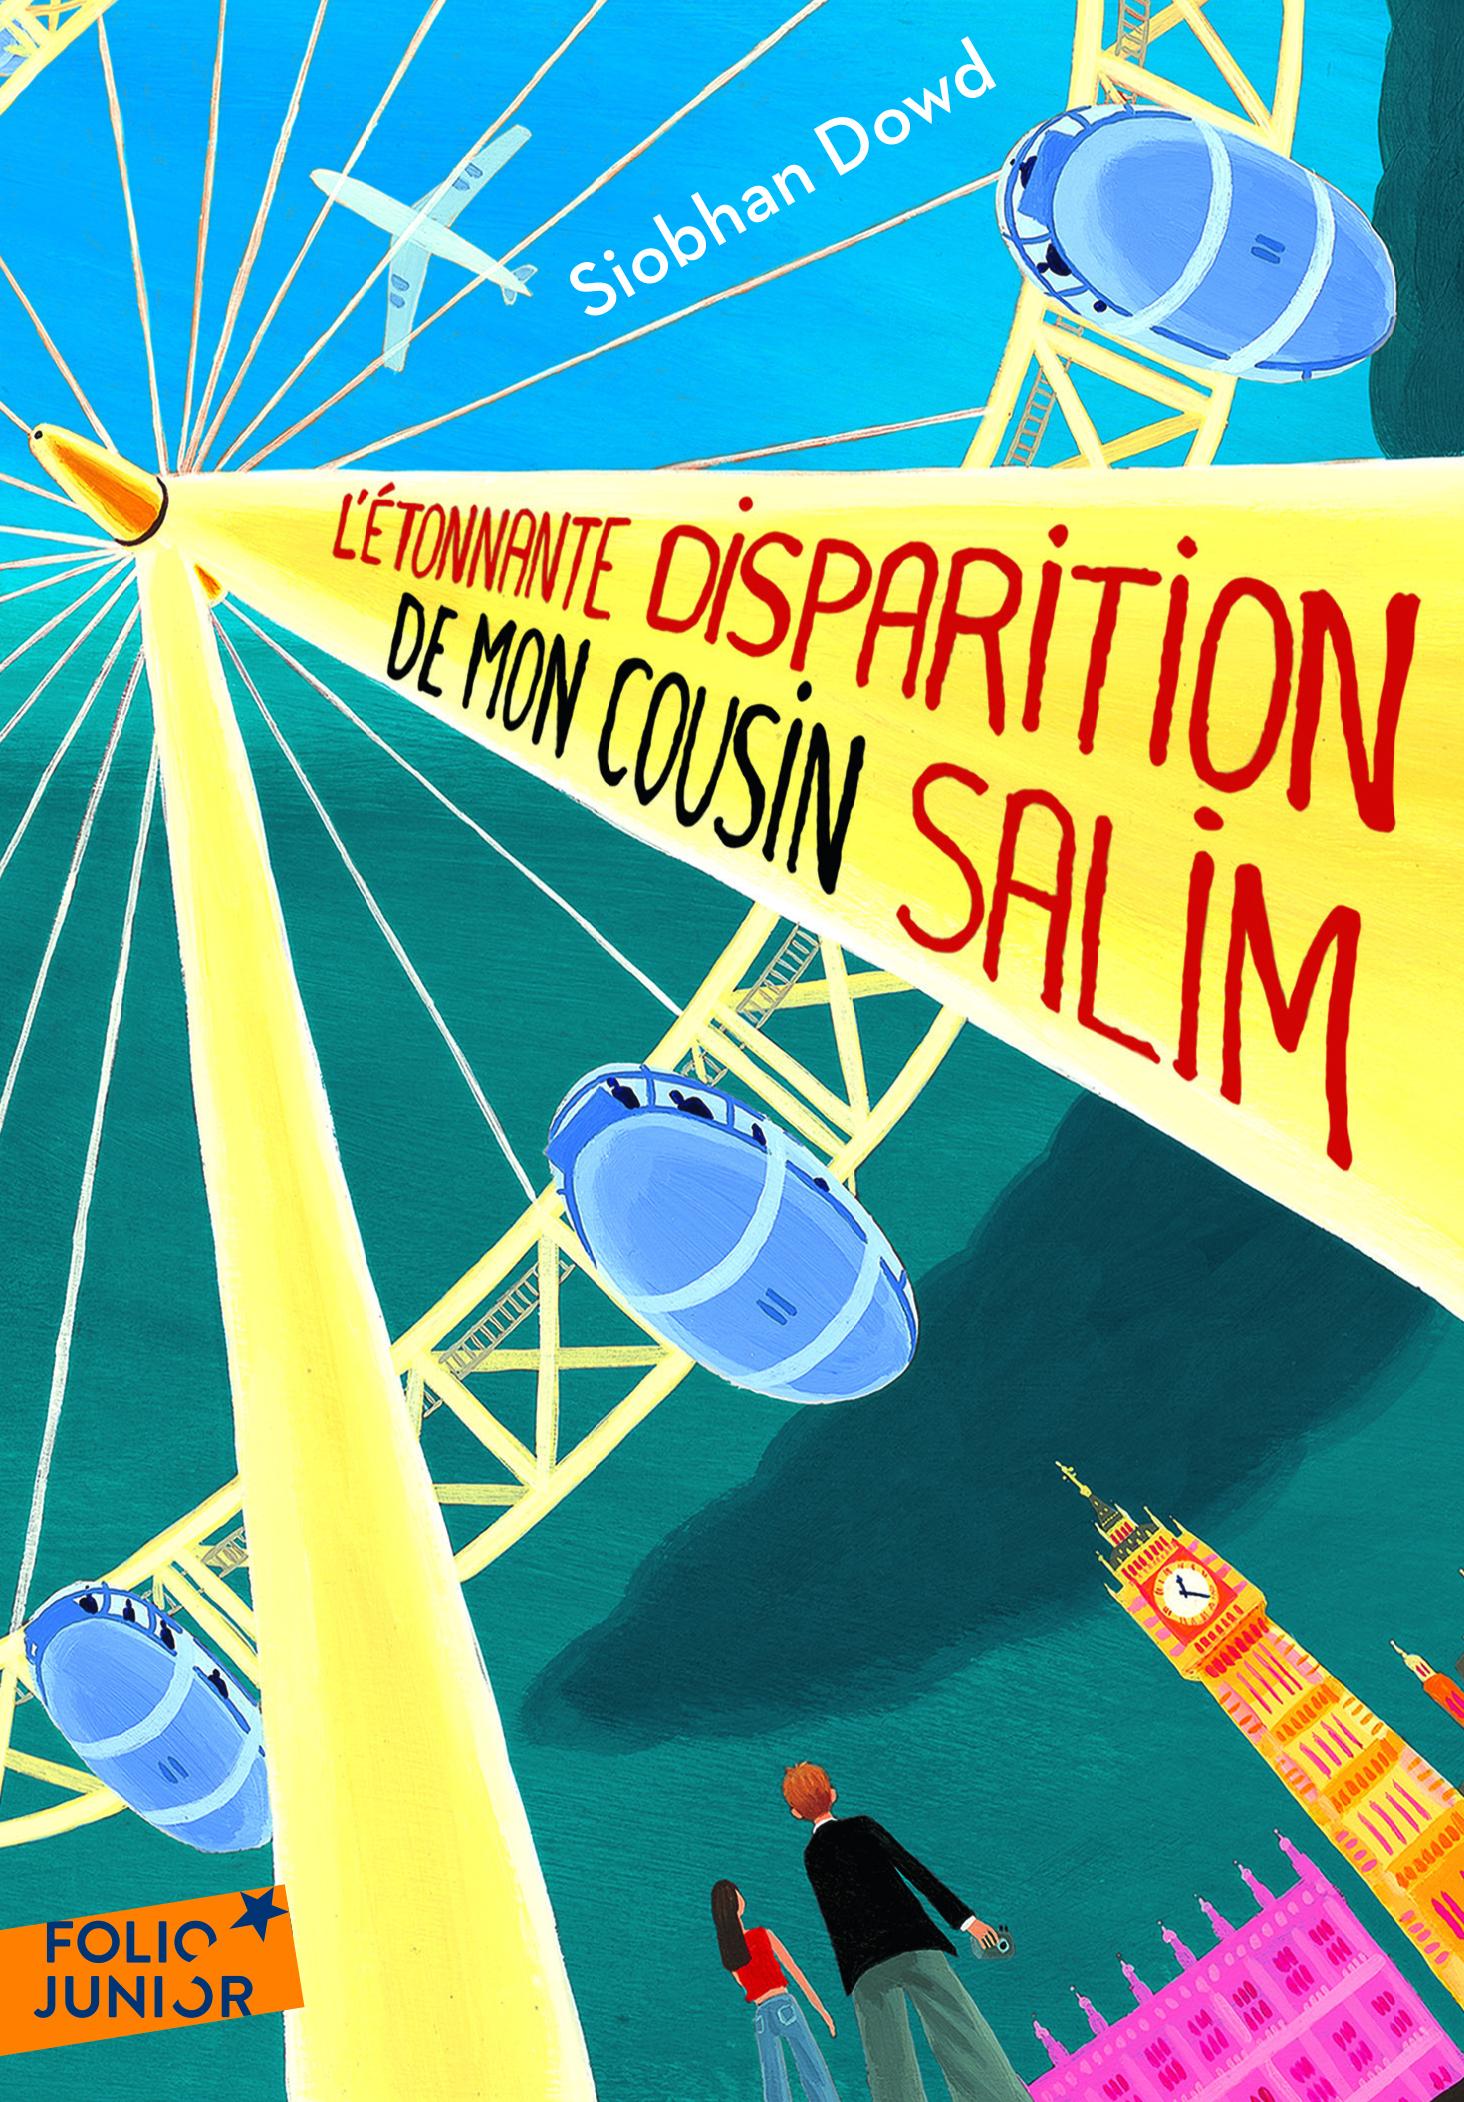 L'ETONNANTE DISPARITION DE MON COUSIN SALIM